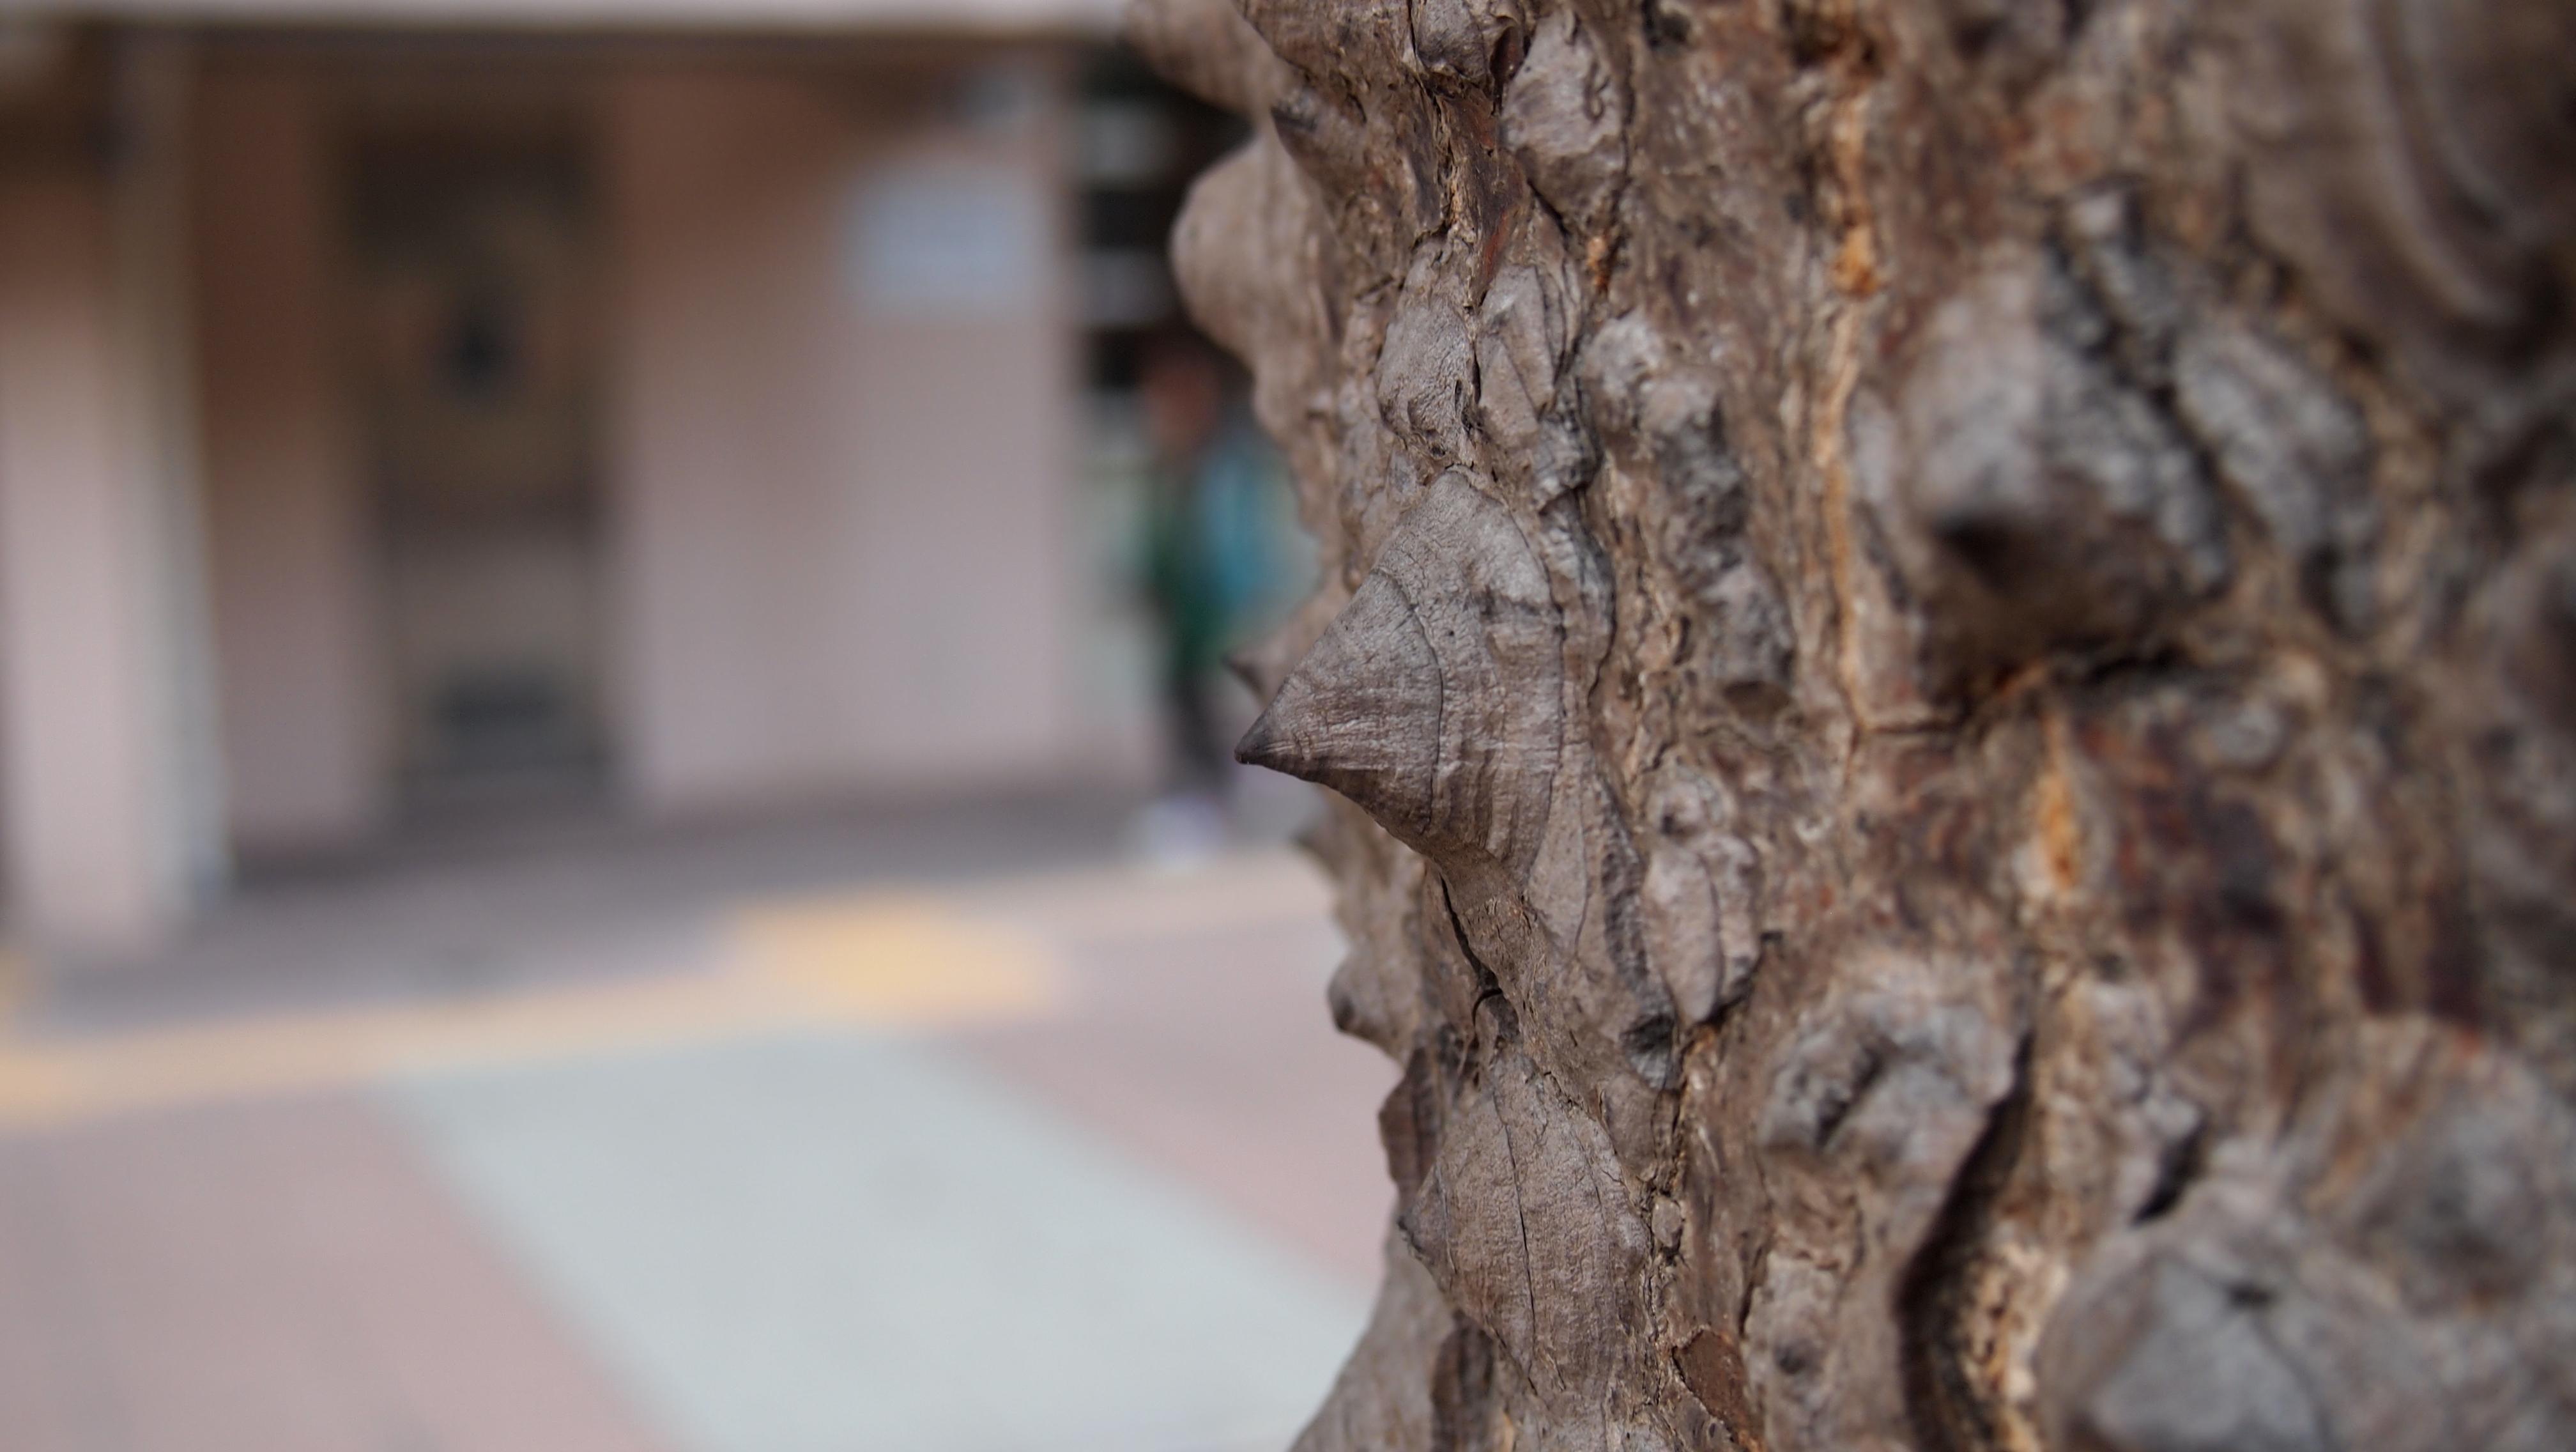 早春的英雄木︰木棉 | 拈花 ‧ 惹草